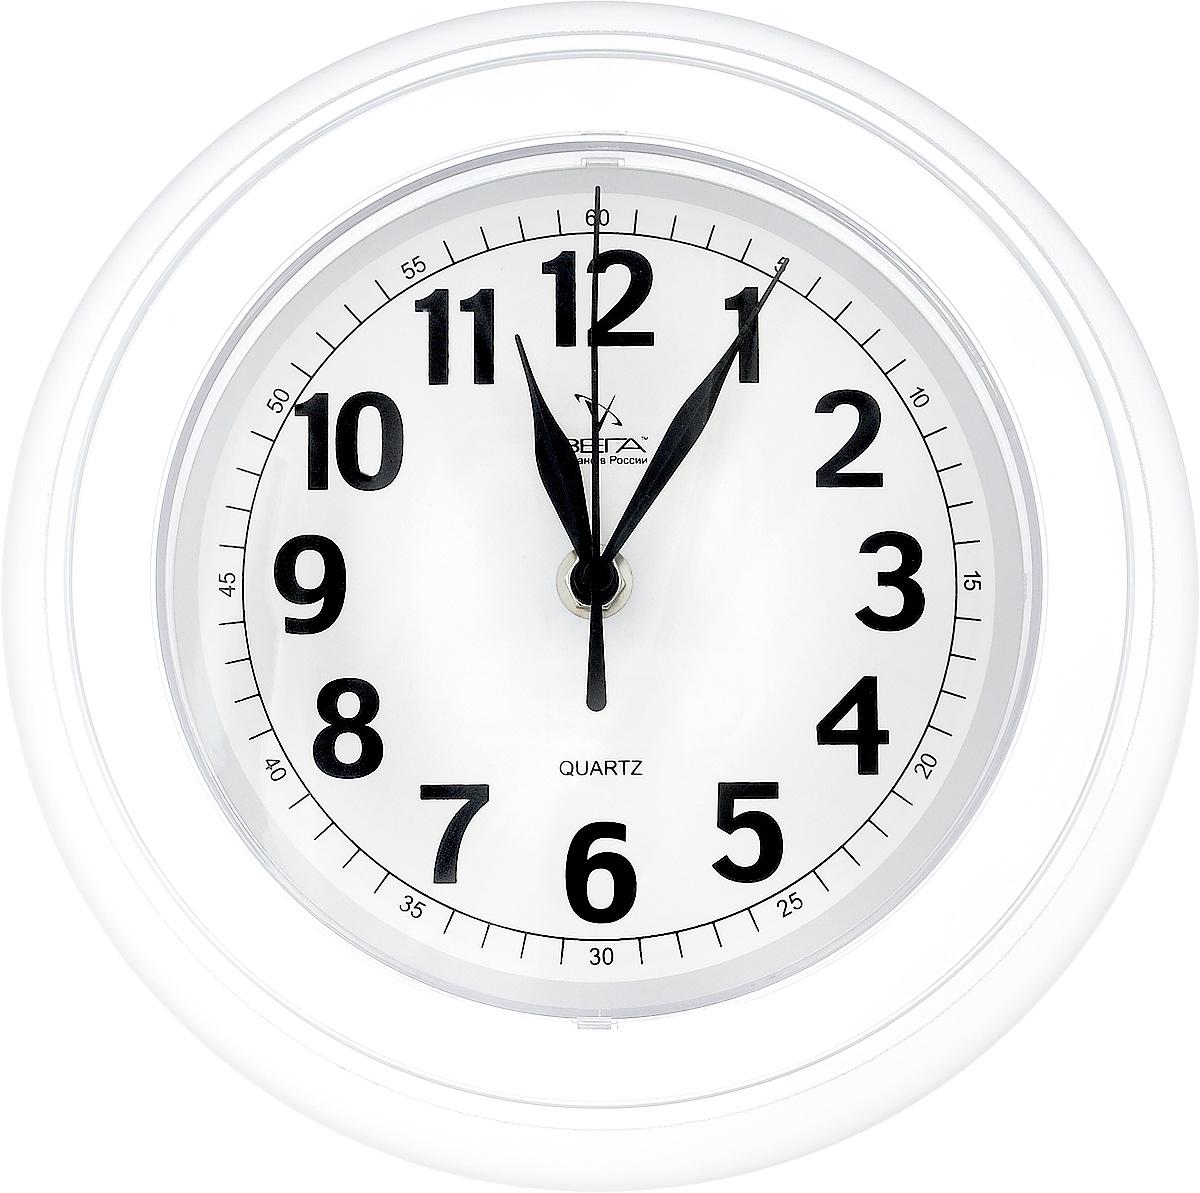 """Фото Часы настенные Вега """"Классика"""", цвет: белый, прозрачный, диаметр 22 см. Купить  в РФ"""